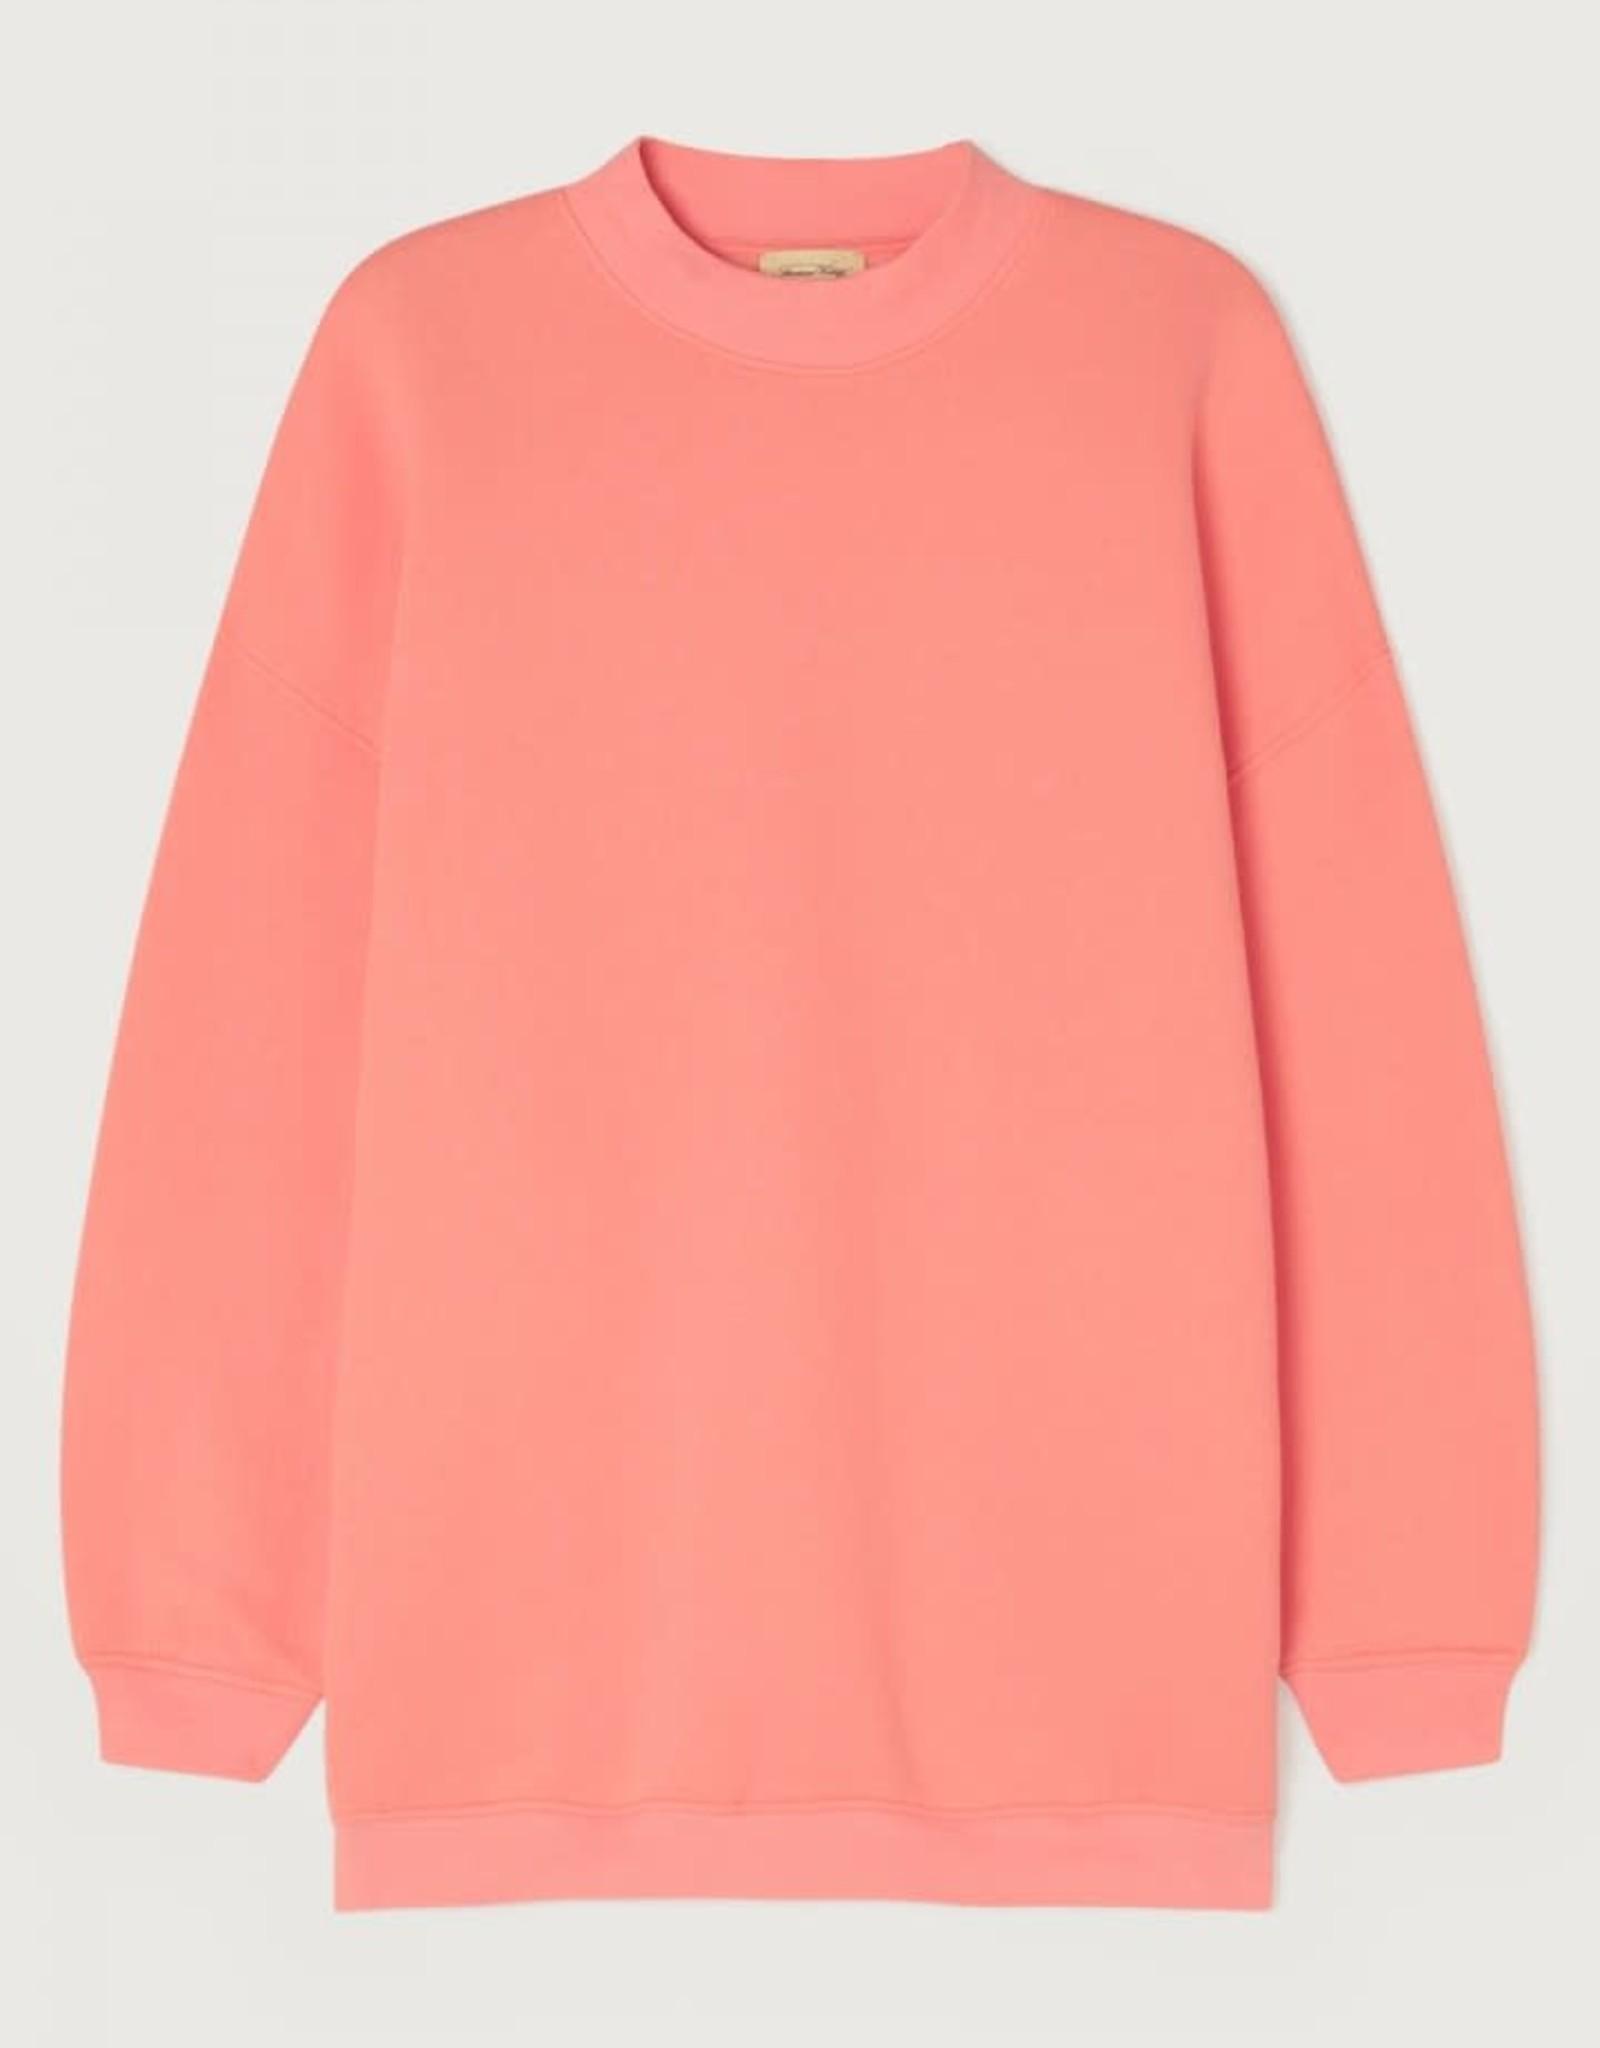 American Vintage Damessweater 'Ikatown' - Petune - American Vintage